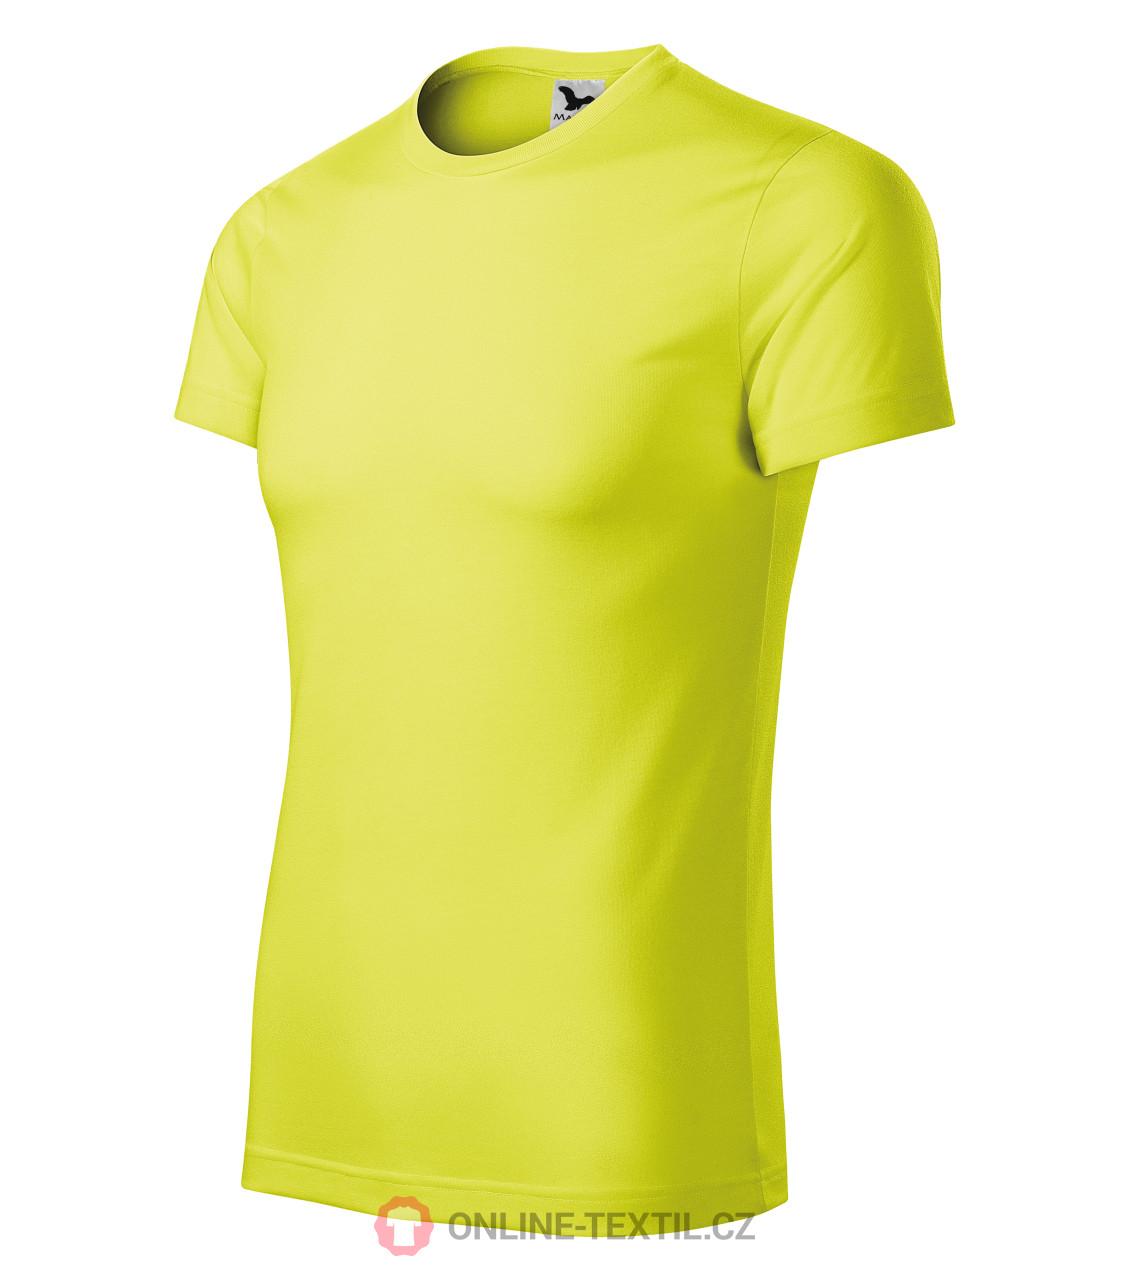 08f885b23 ADLER CZECH Športové tričko Star unisex 165 - neon yellow z kolekcie ...